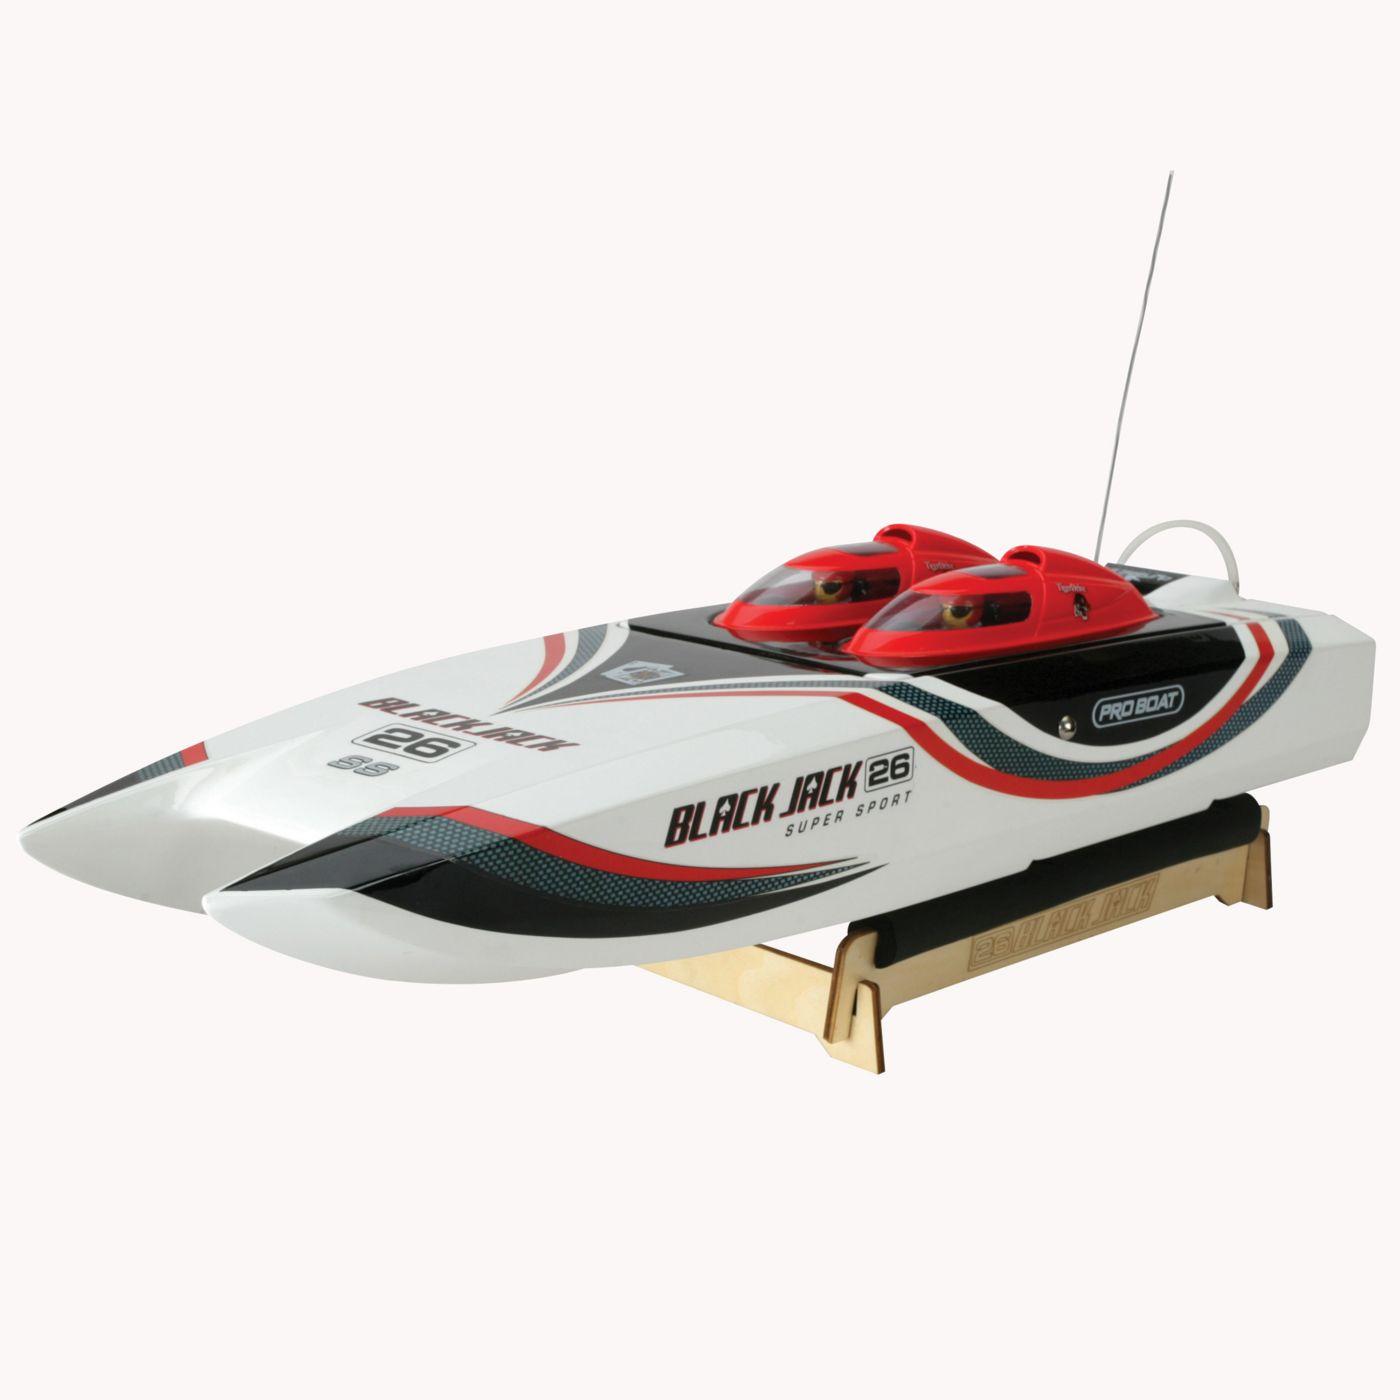 Pro boat blackjack 26 ss catamaran 2.4ghz nitro rtr rc boat